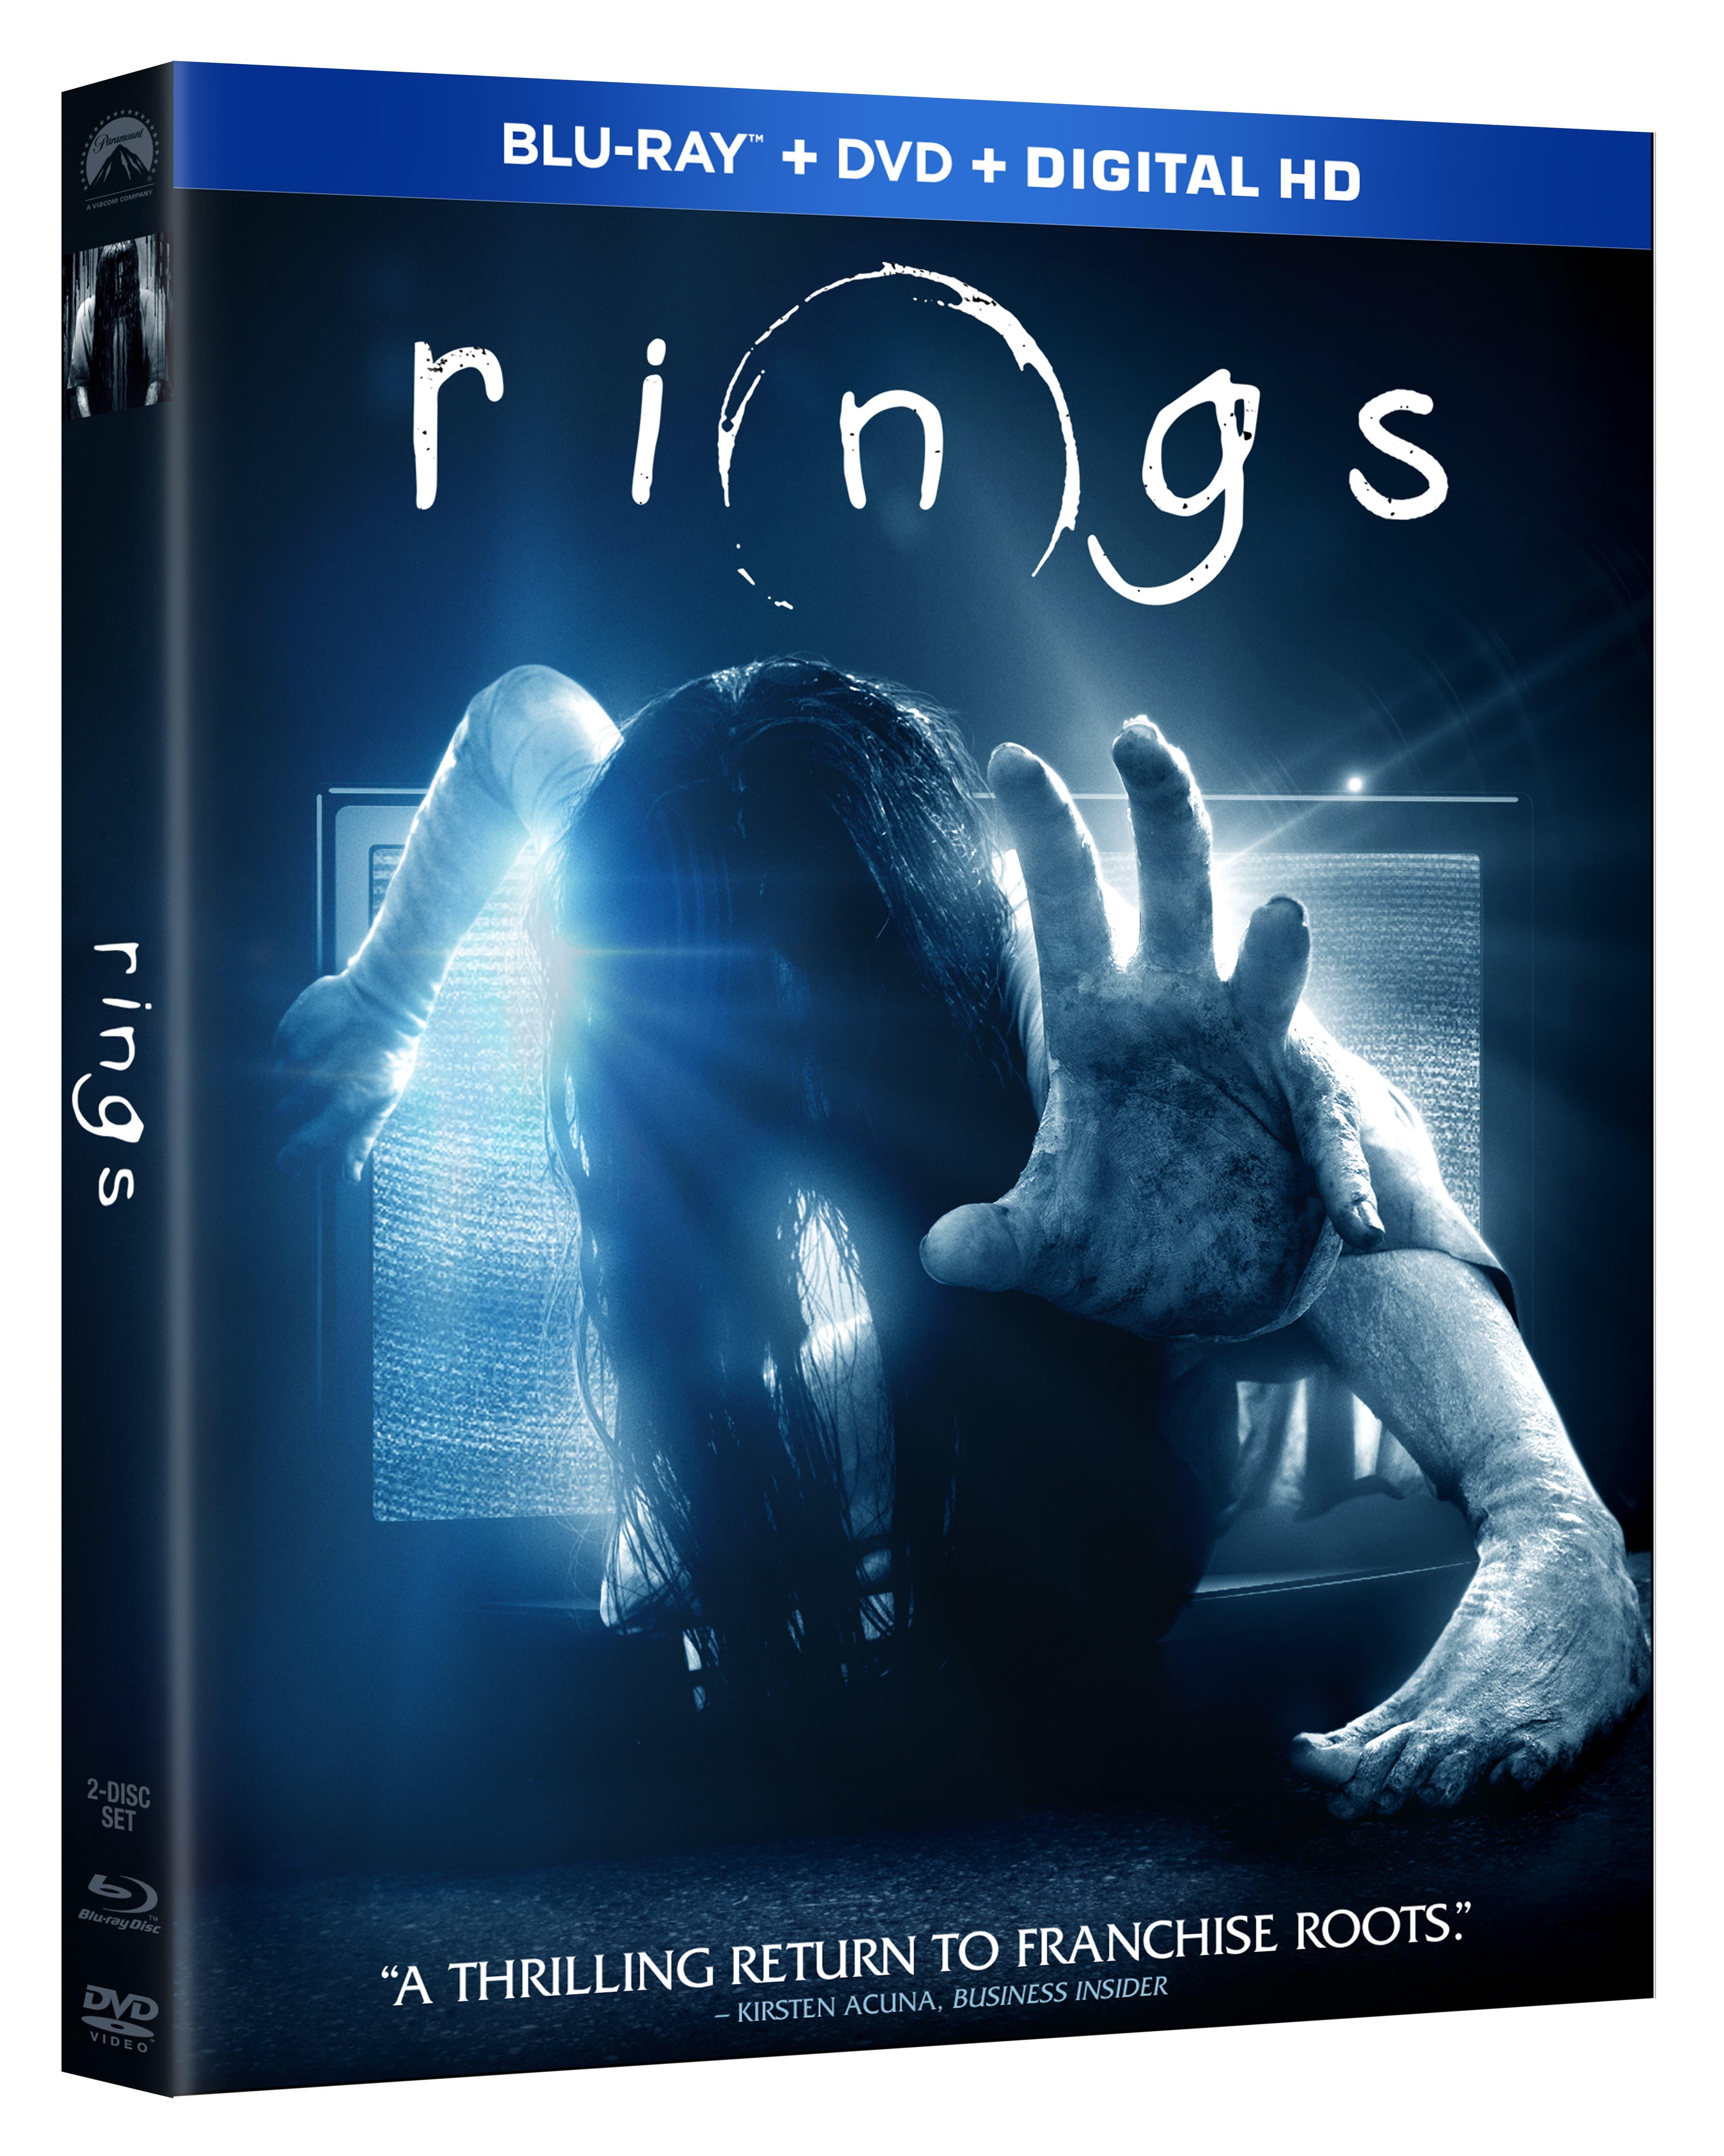 La película Rings disponible en Blu-ray/DVD el 2 de mayo